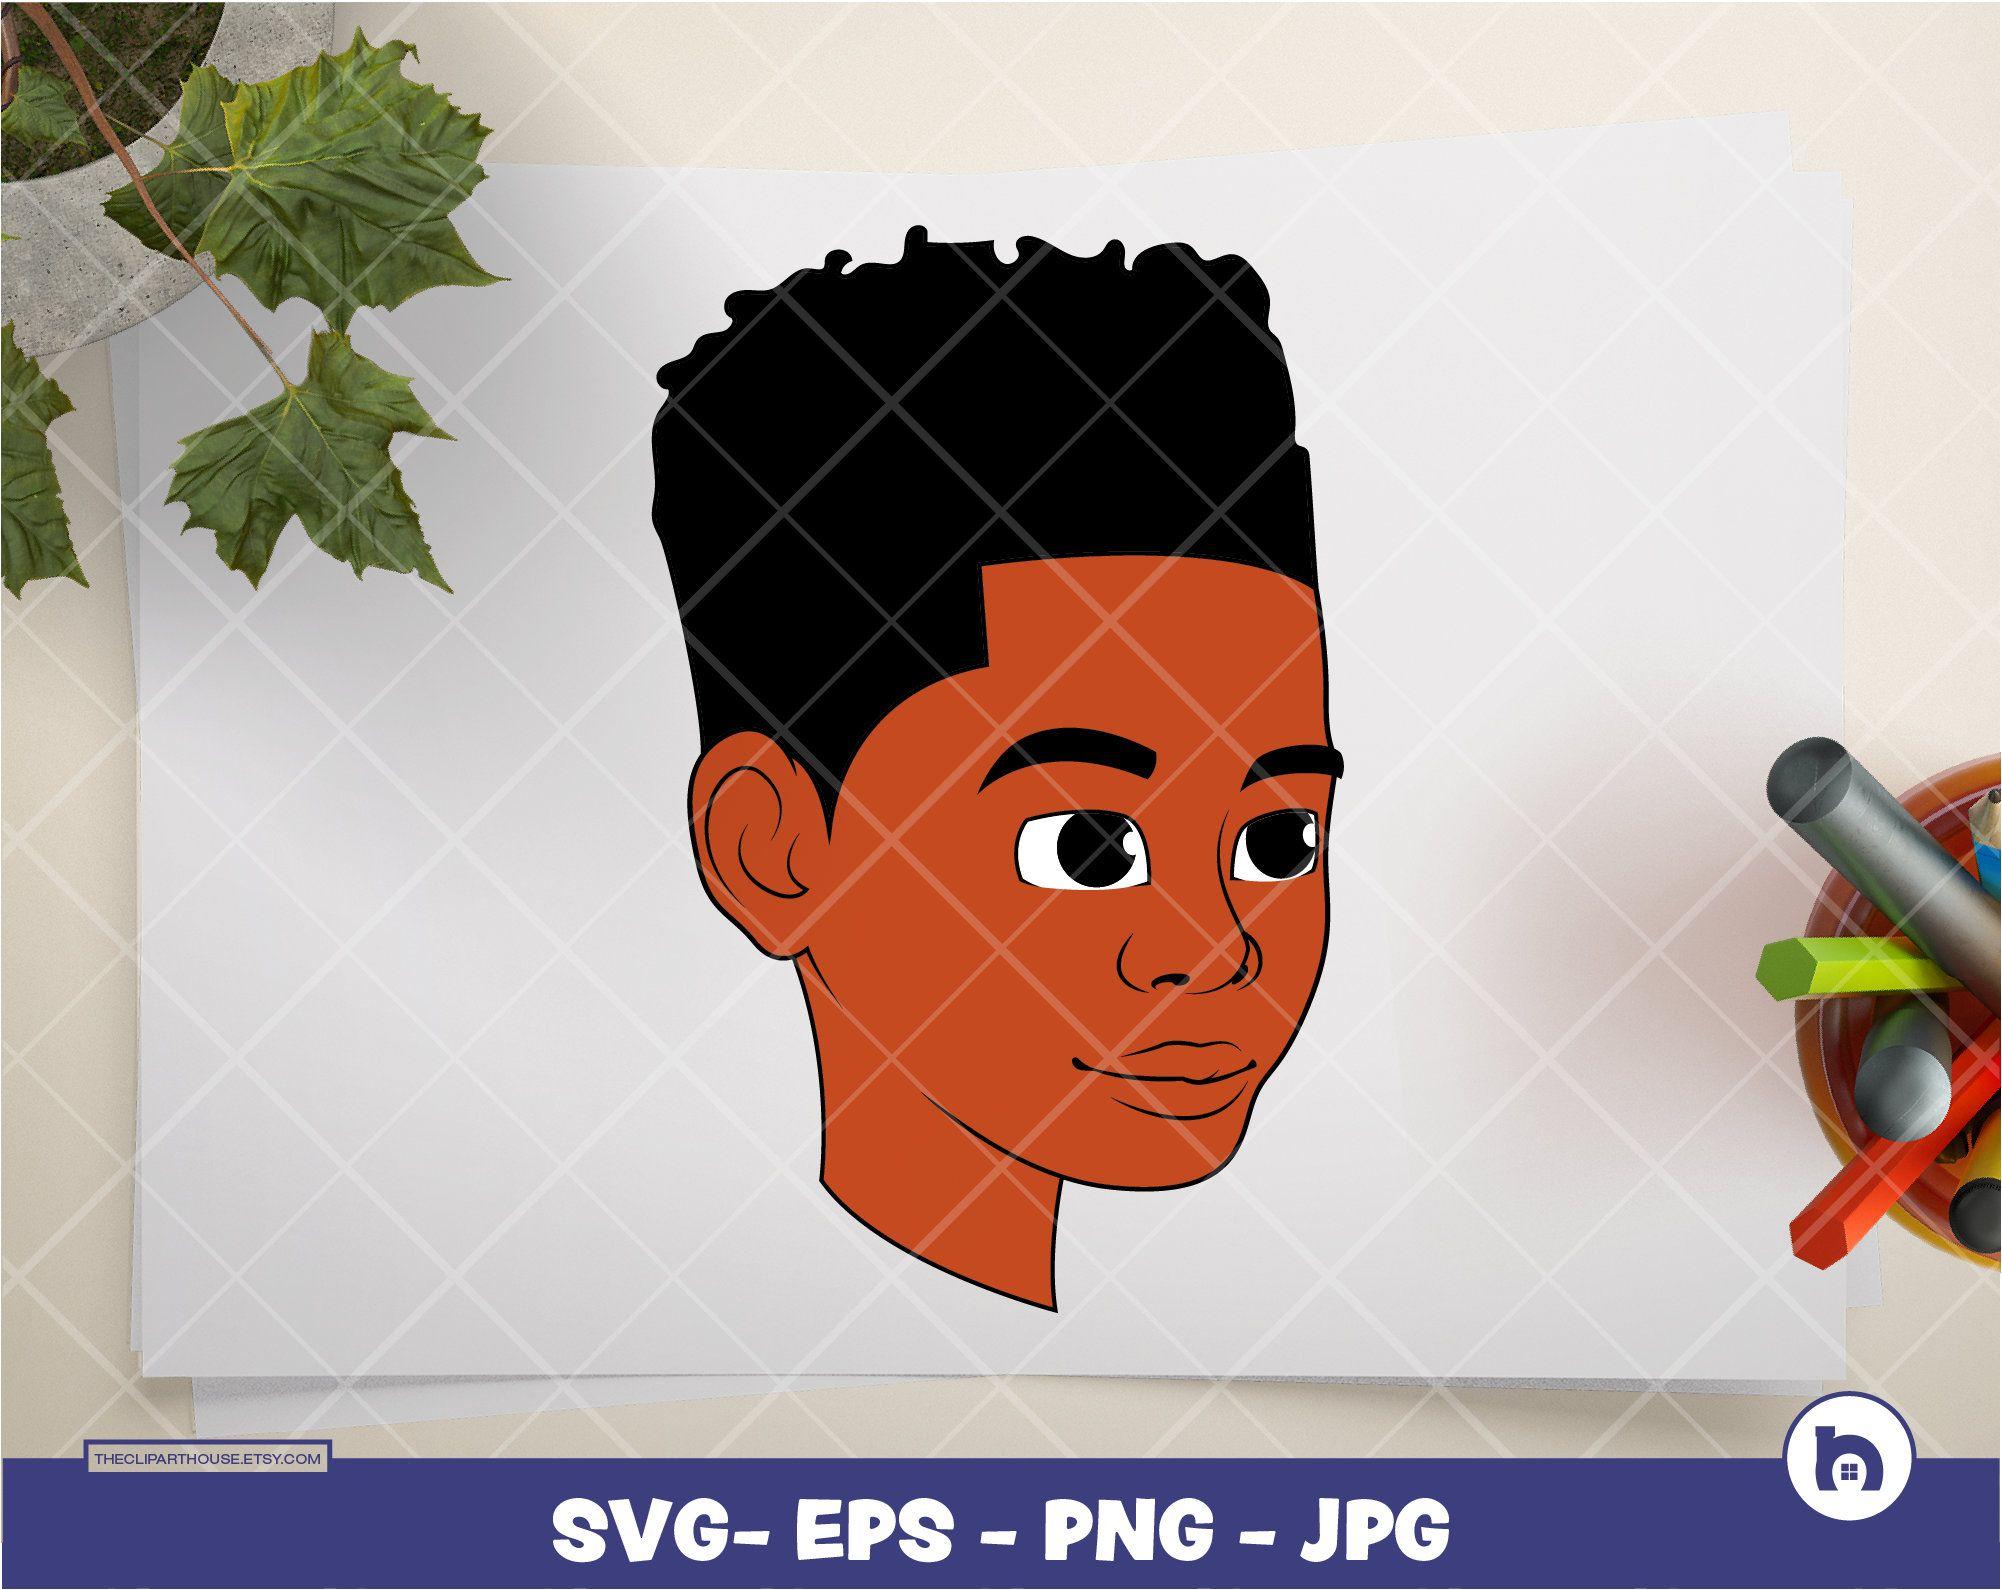 Clip Art And Svg For All Your Needs Black Boy Digital Svg Eps Png Jpg Instant Download Black Kid Svg Afro Kid H Svg Kids Black Boys Digital Svg